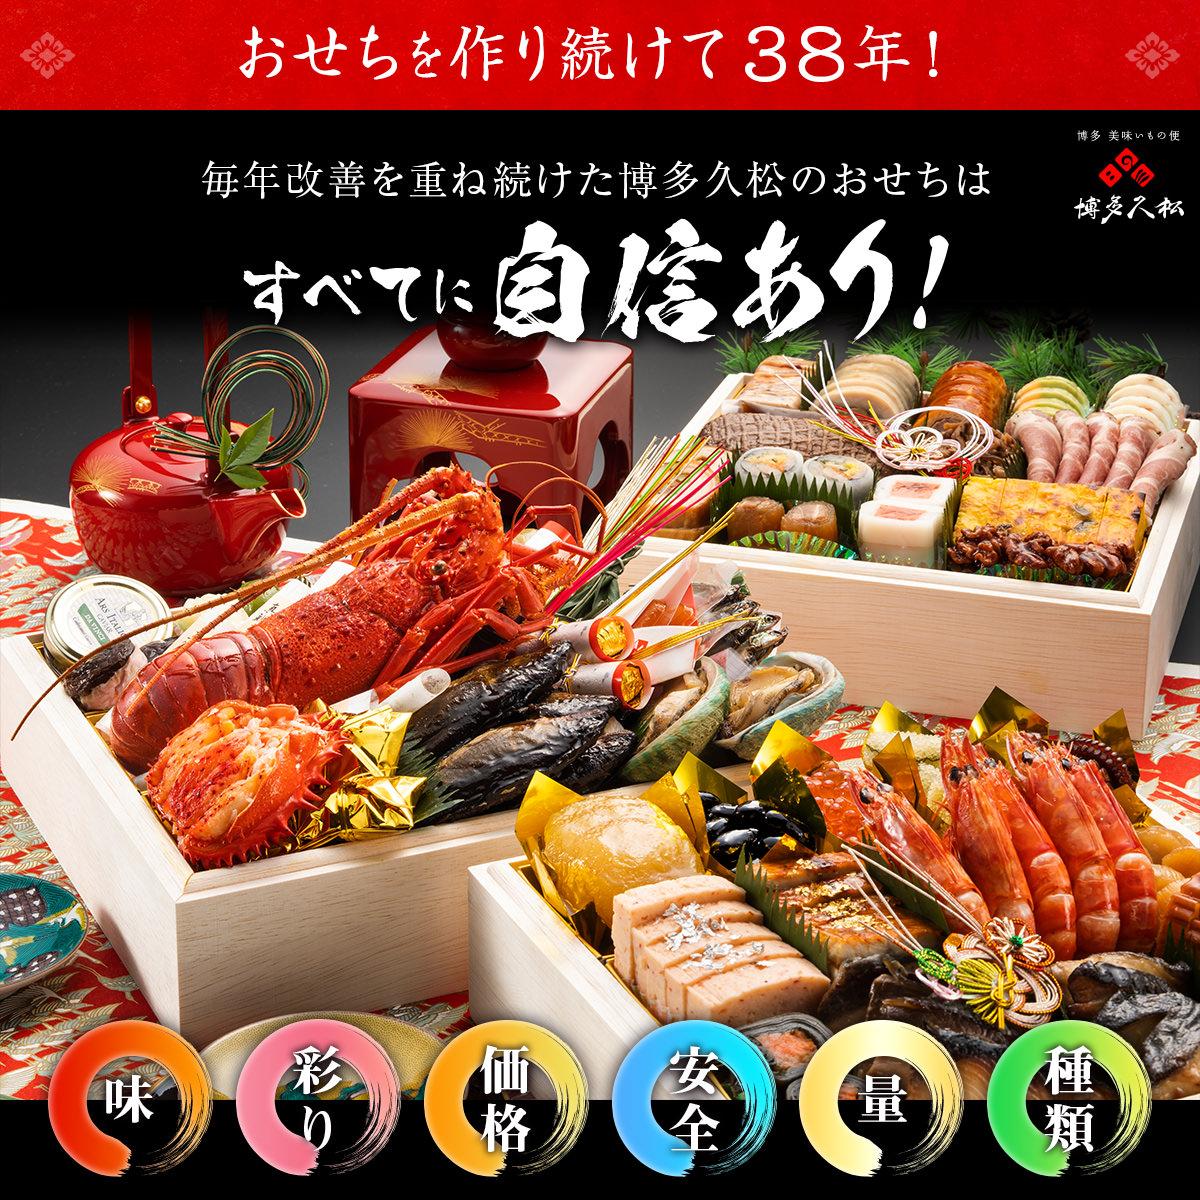 おせちを作り続けて38年!毎年改善を重ね続けた博多久松のおせちはすべてに自信あり!